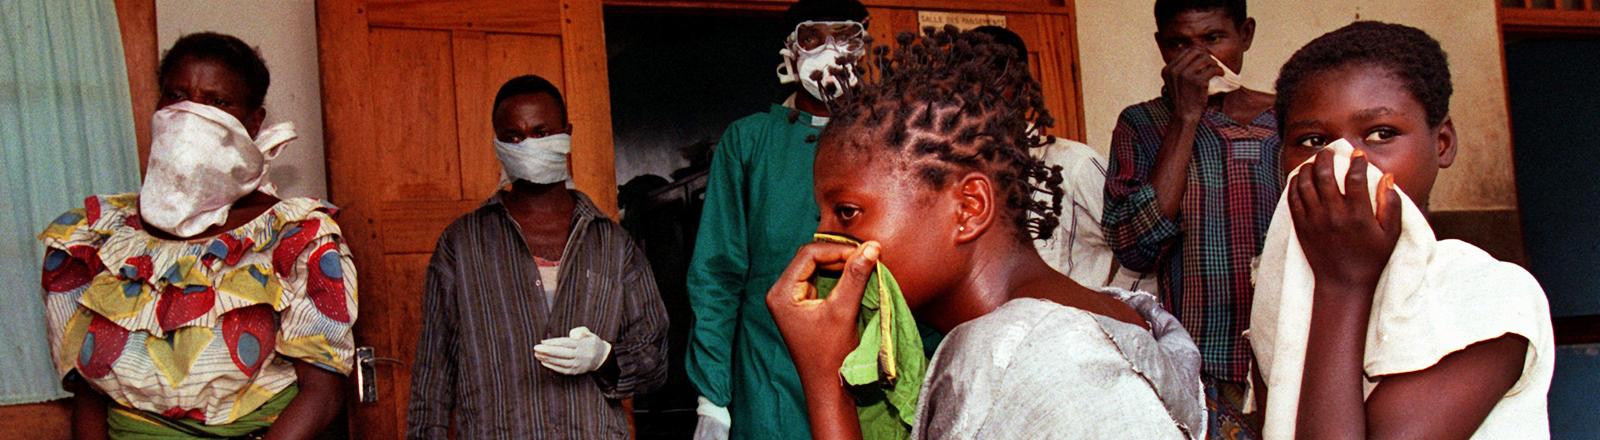 Angehörige von Patienten, die sich mit dem Ebola-Virus infiziert haben, warten vor einem Krankenhaus auf Neuigkeiten.